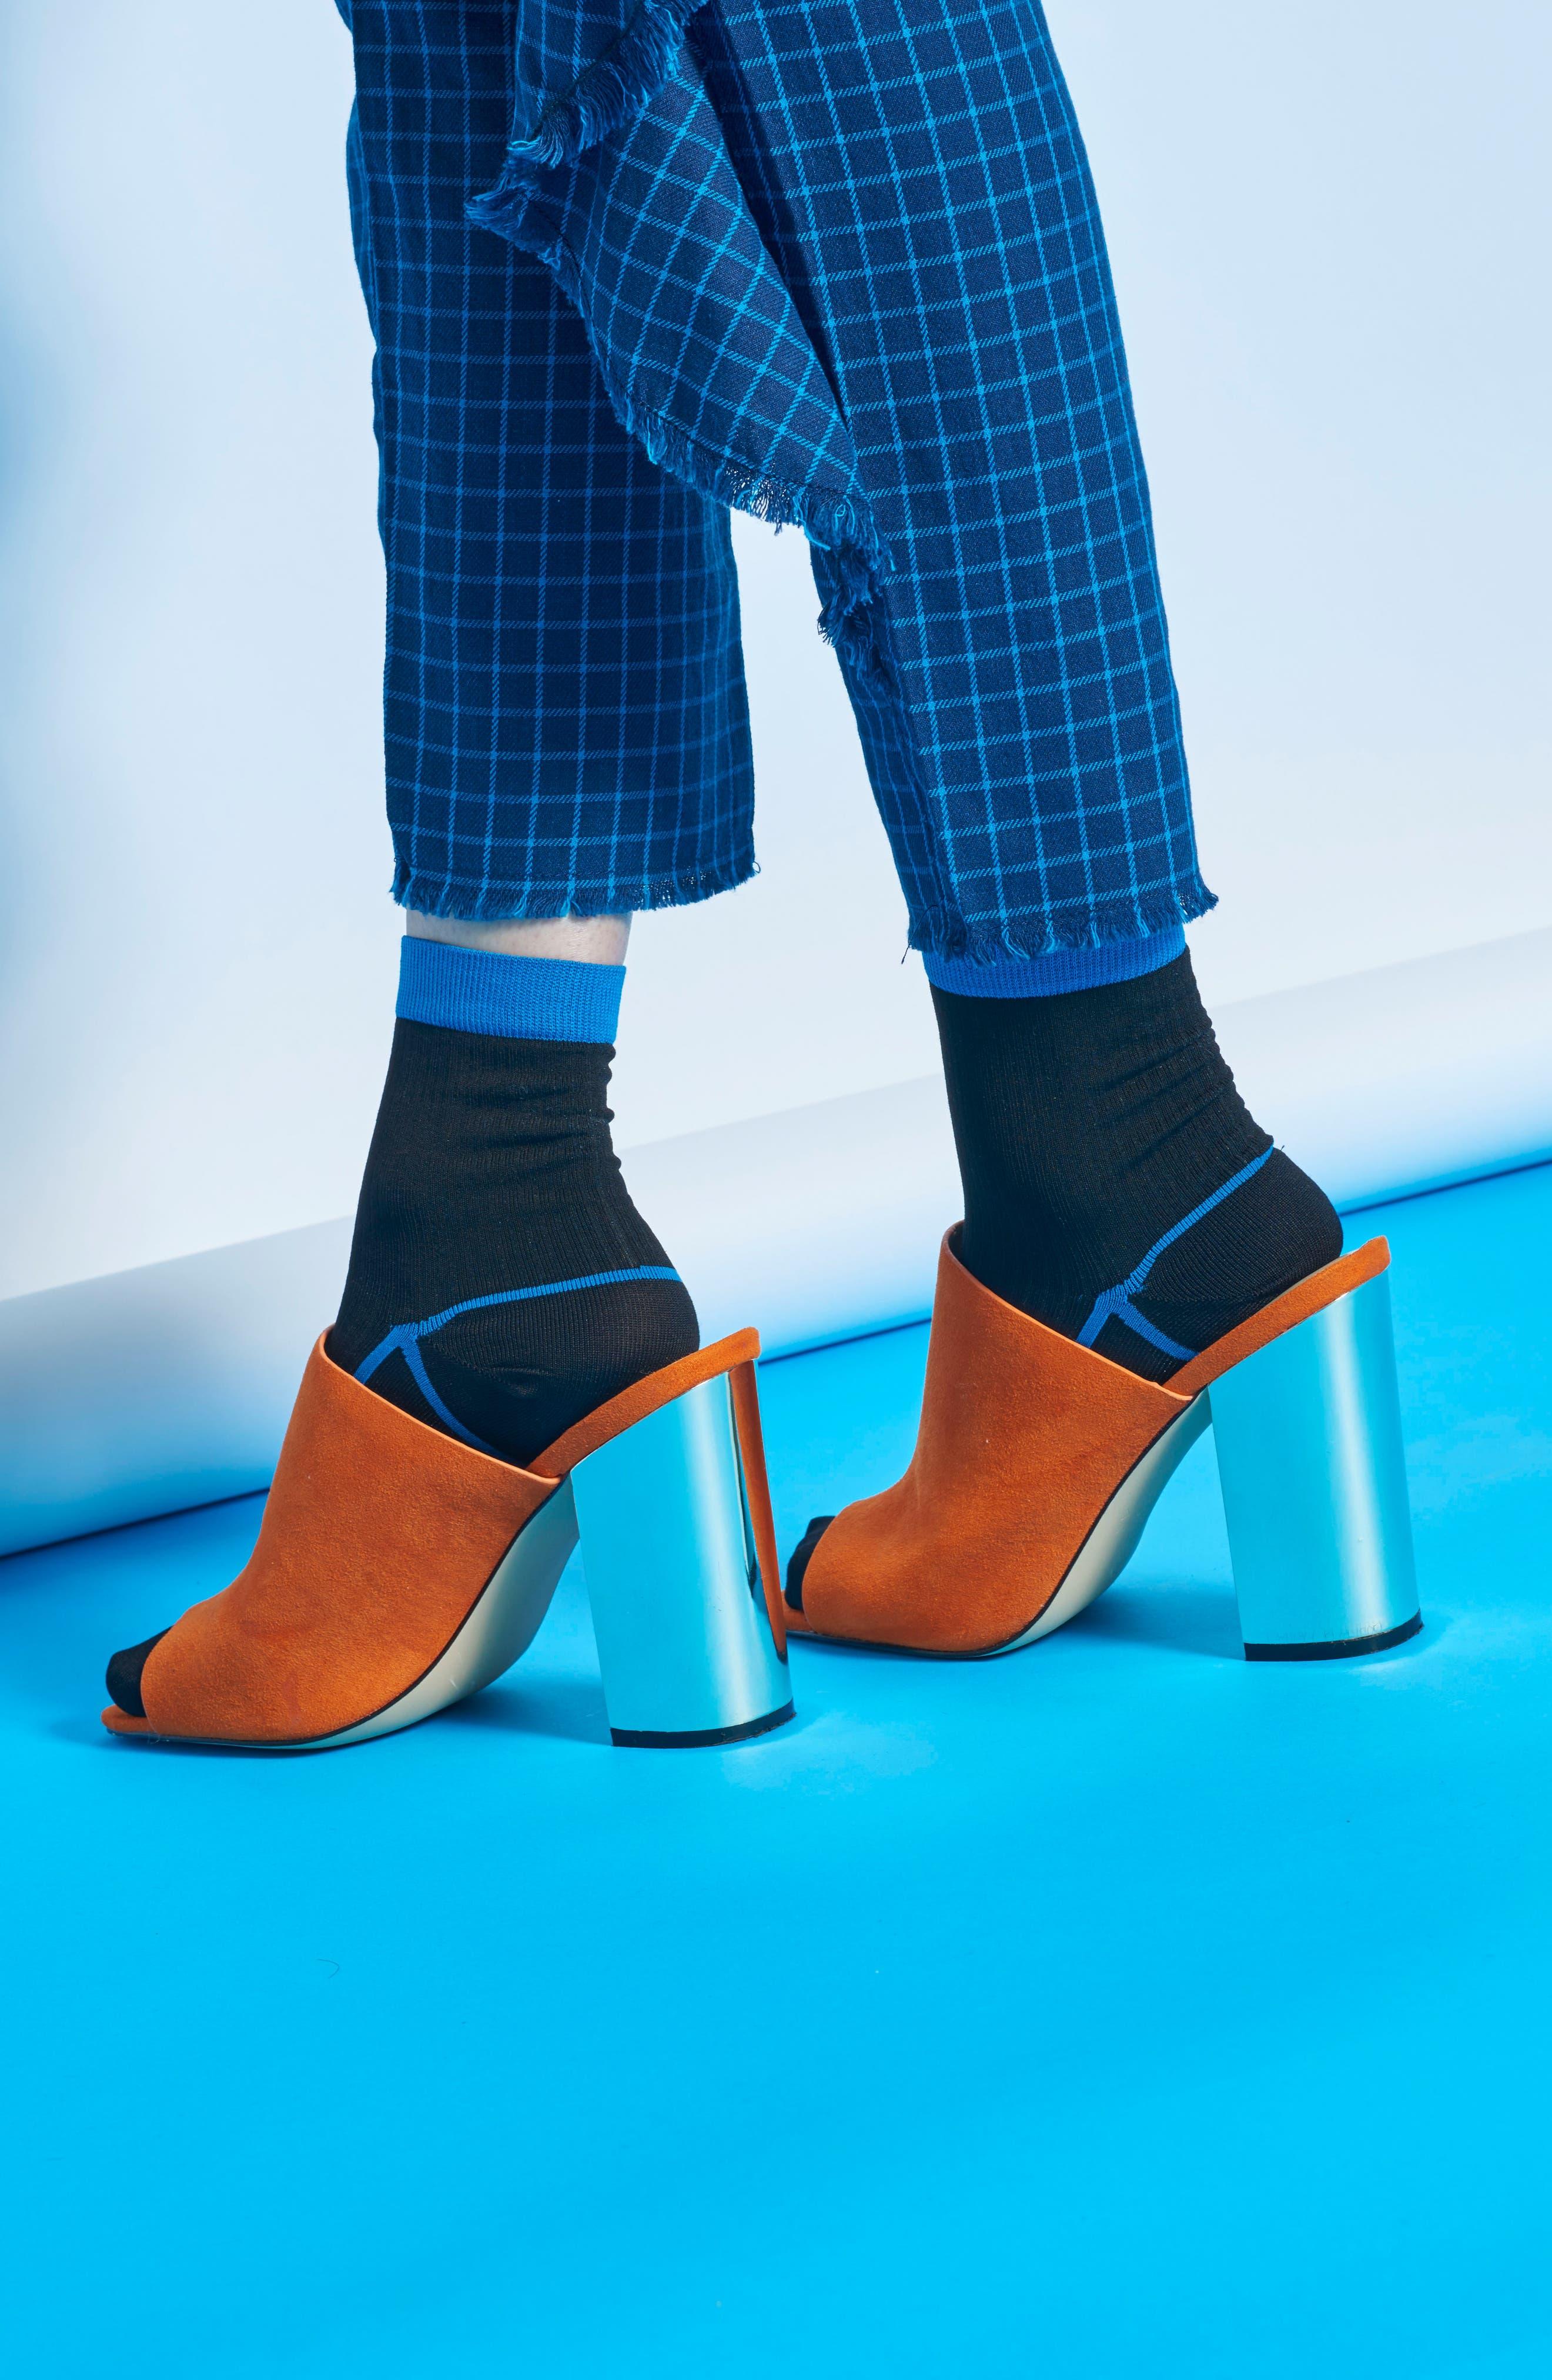 Lily Rib Ankle Socks,                             Alternate thumbnail 4, color,                             Black